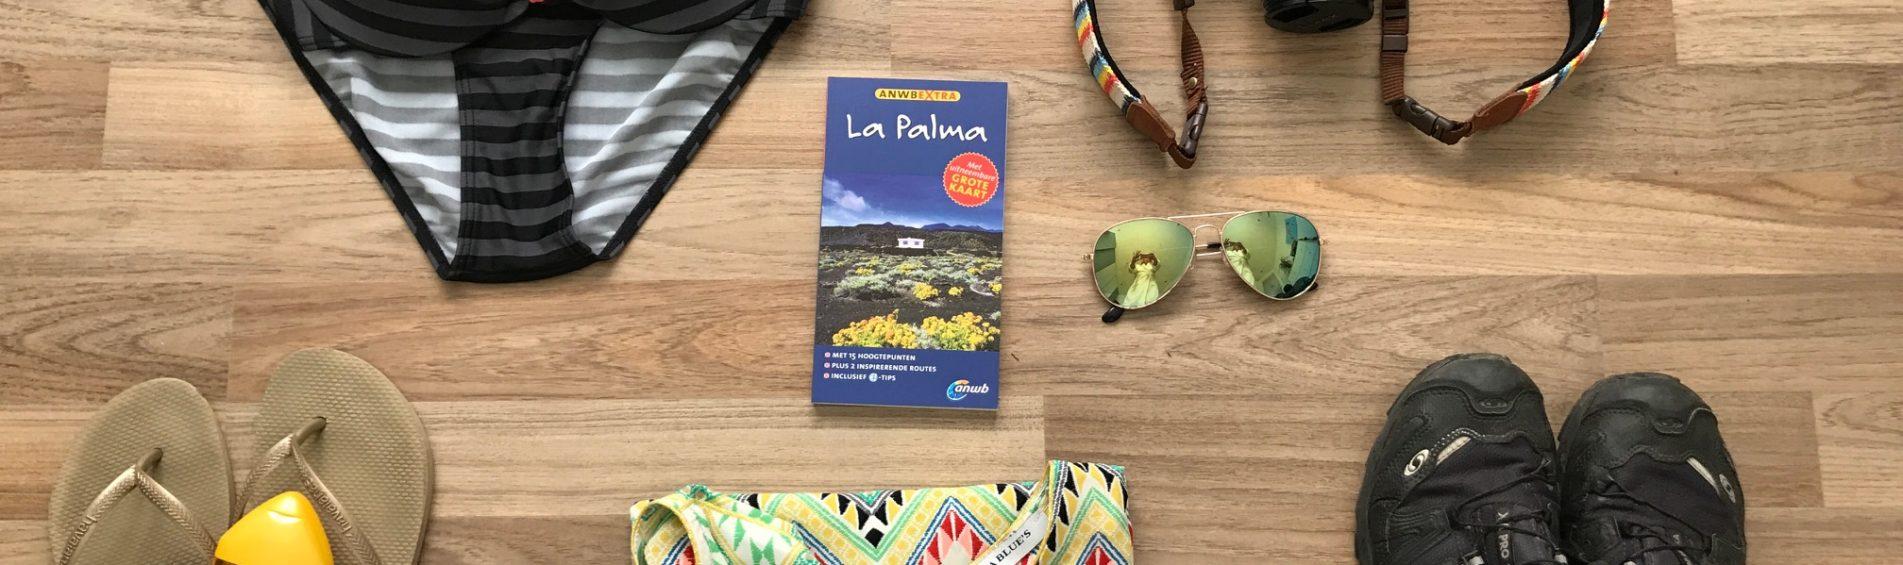 Op de planning: Wandelen, relaxen, vulkanen en wijn!